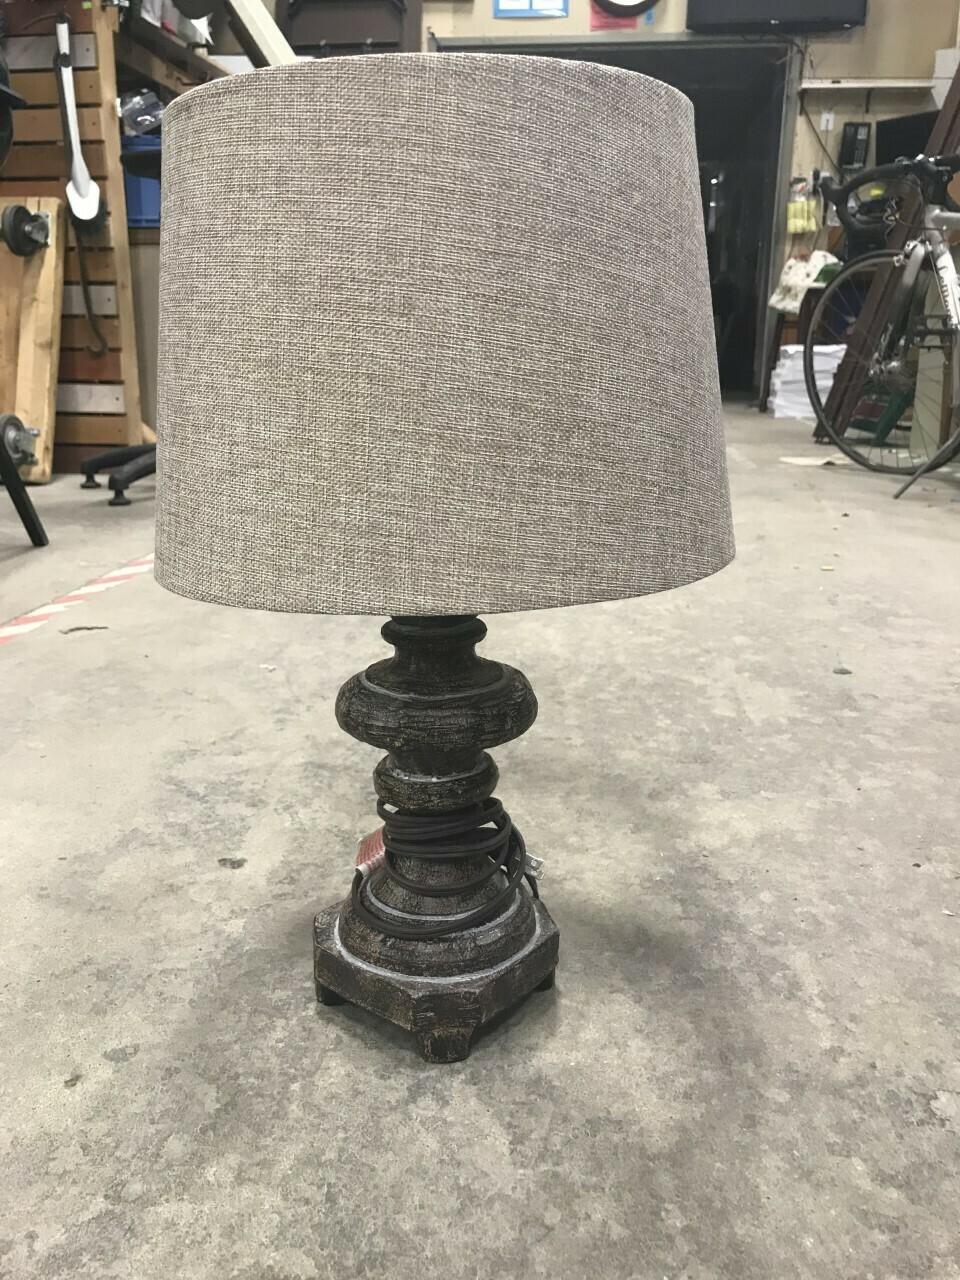 Small Desk Lamp